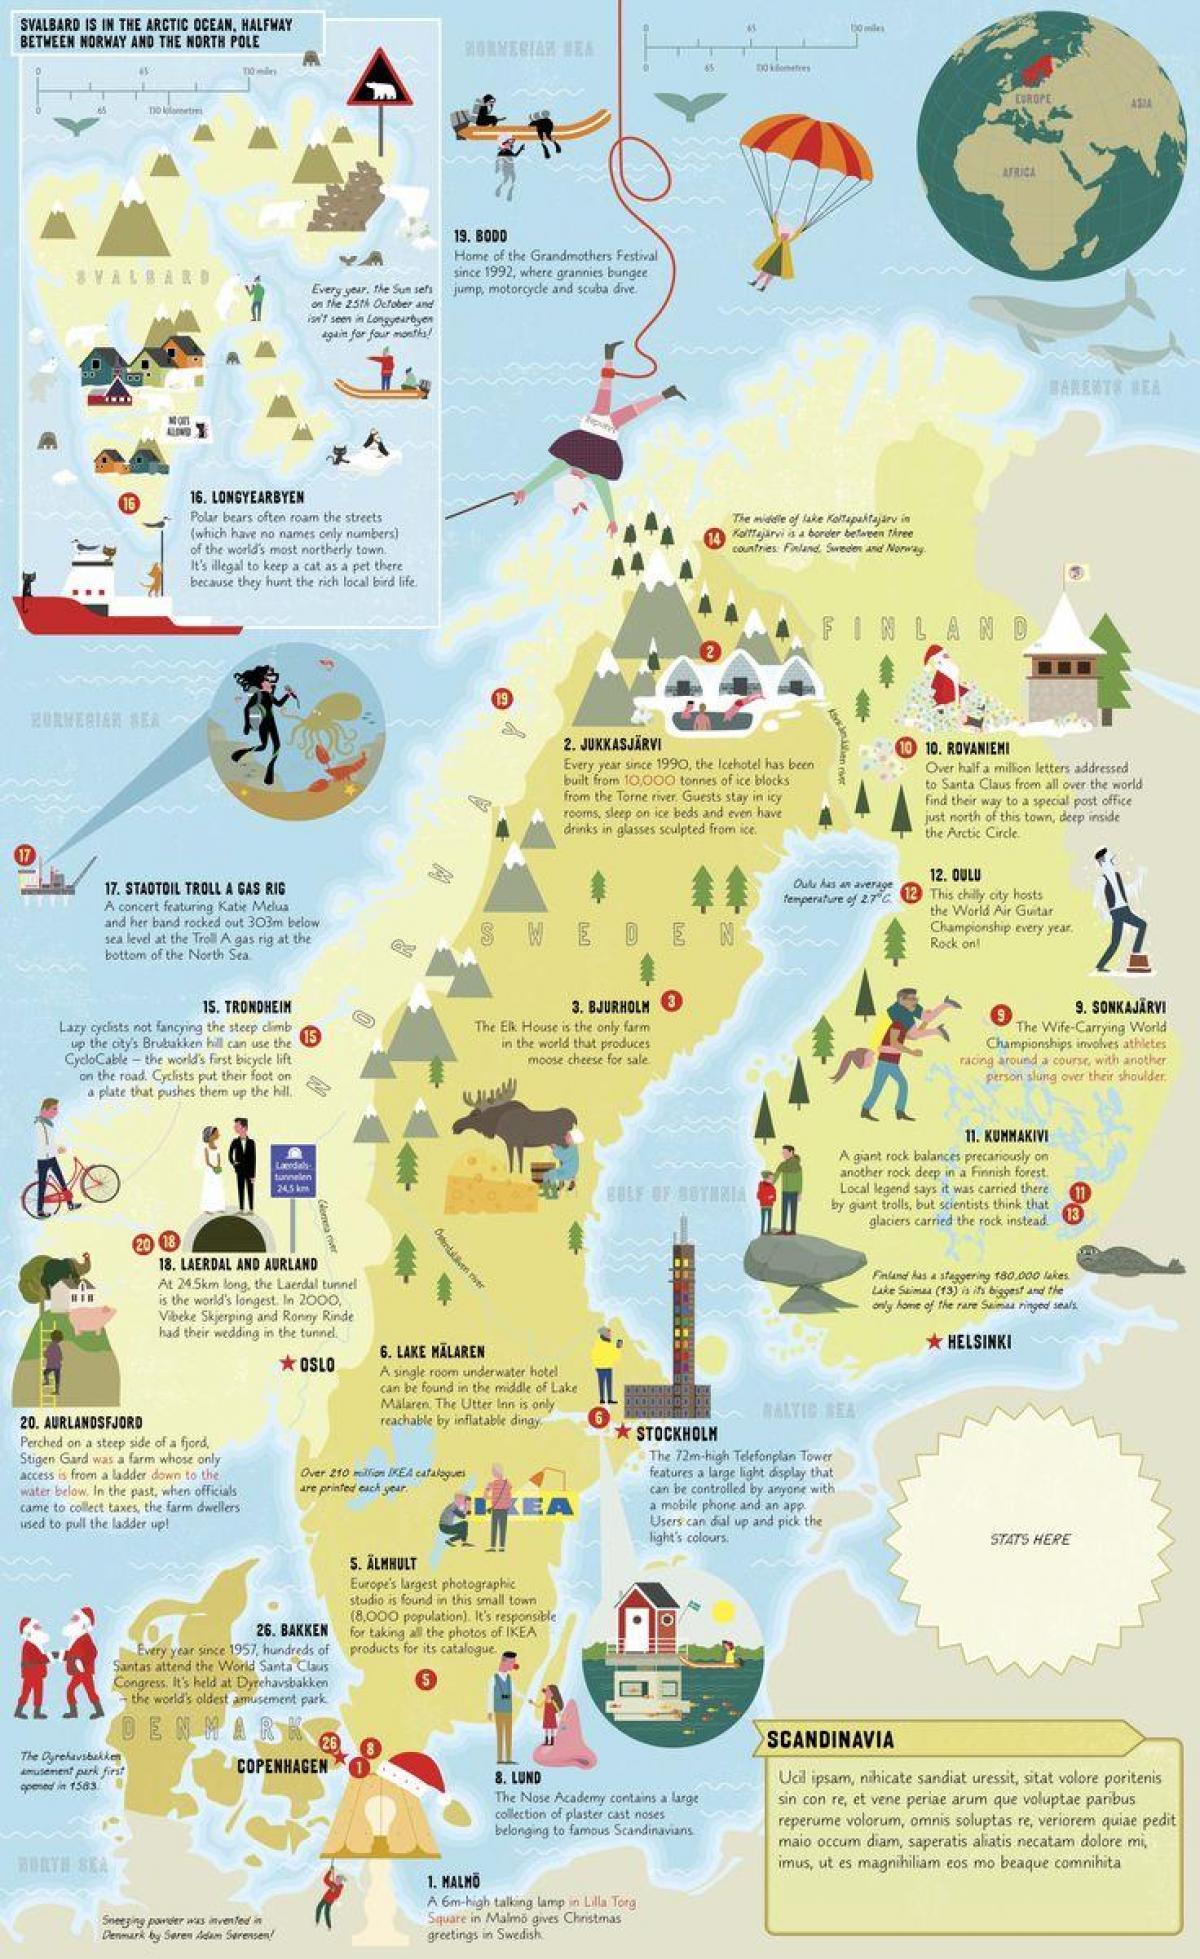 lund i sverige kart Sverige attraksjoner kart   Sverige attraksjon kart (Nord Europa  lund i sverige kart